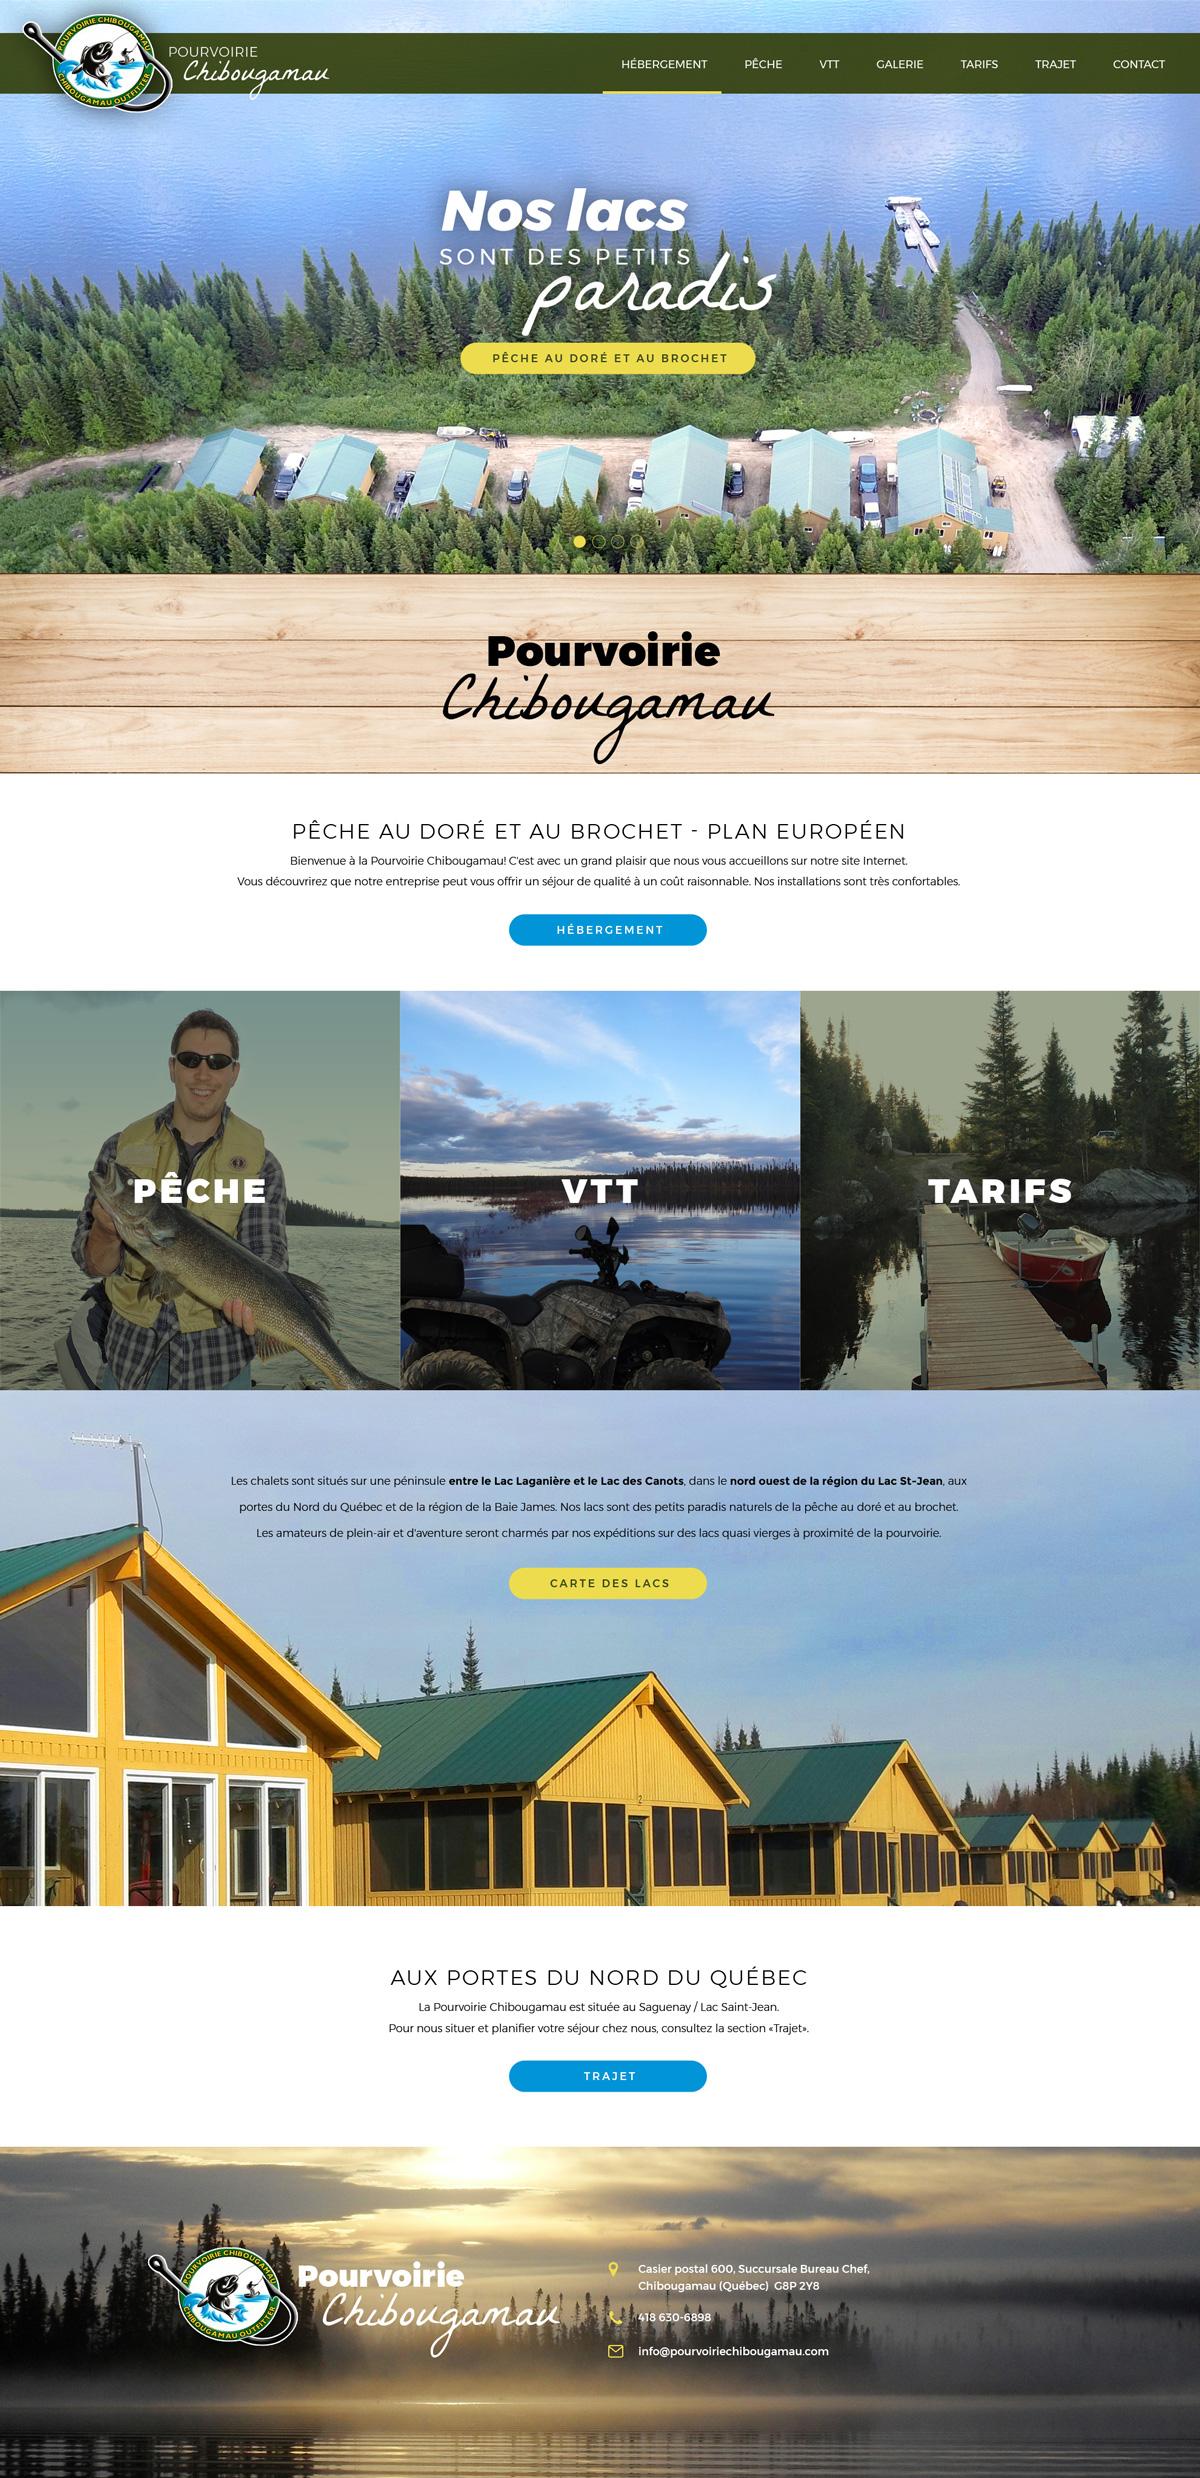 Design et intégration du site web de la Pourvoirie Chibougamau